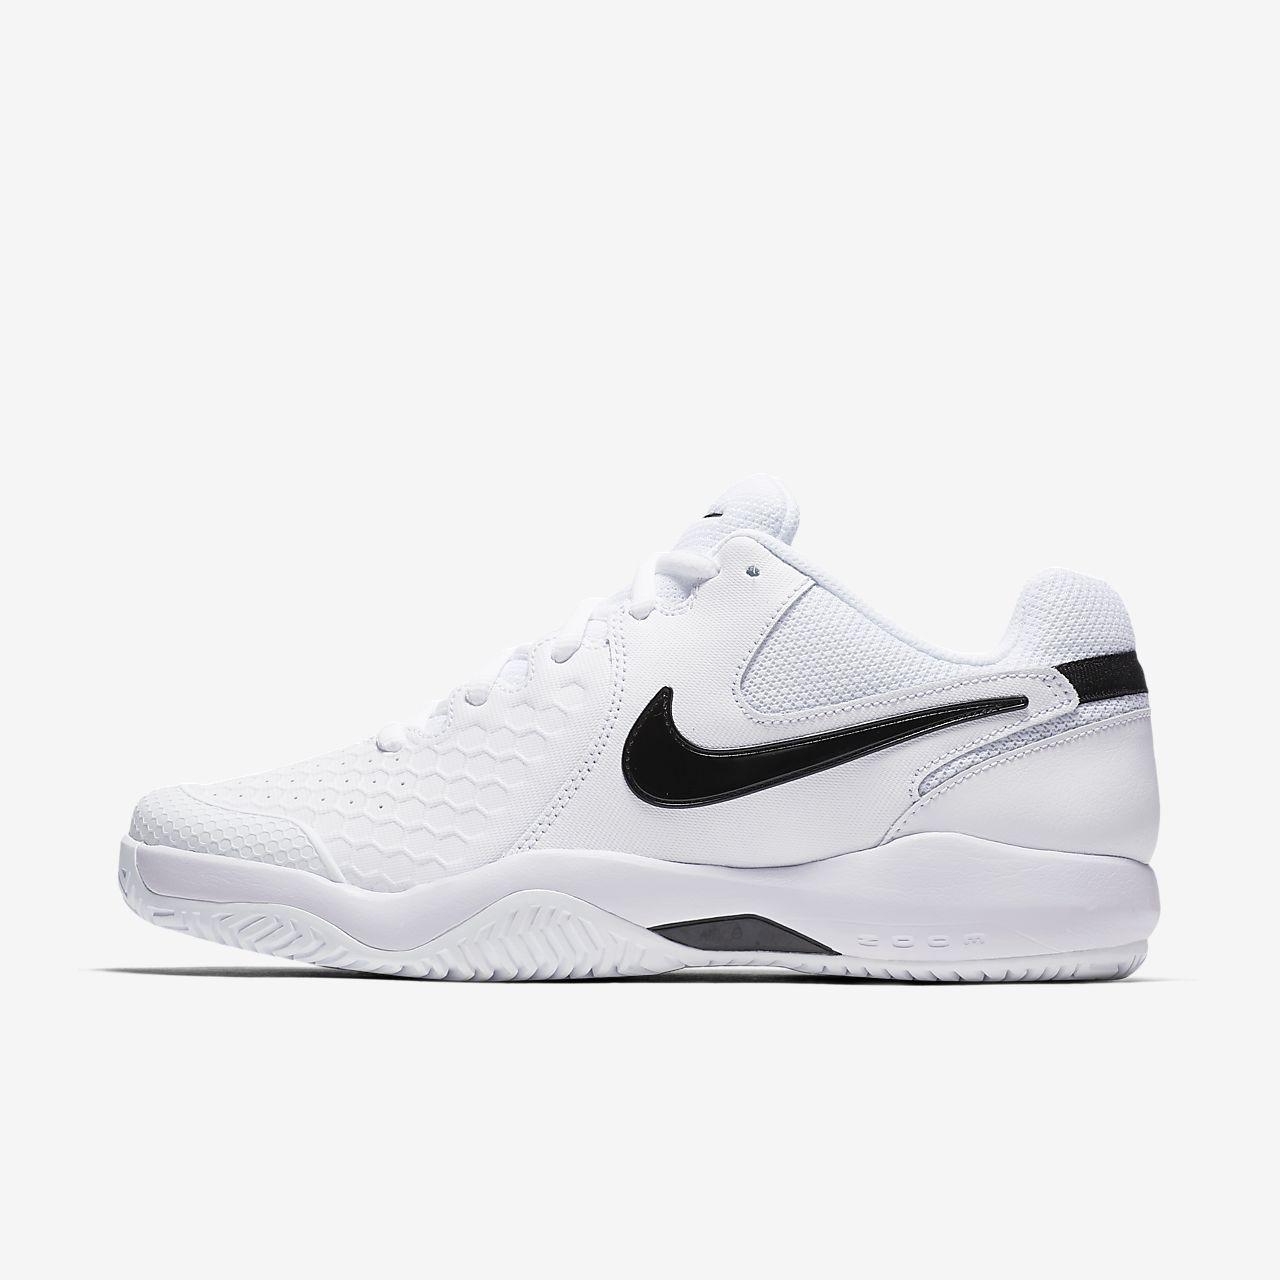 meet b029a bfe11 ... Calzado de tenis en cancha dura para hombre NikeCourt Air Zoom  Resistance